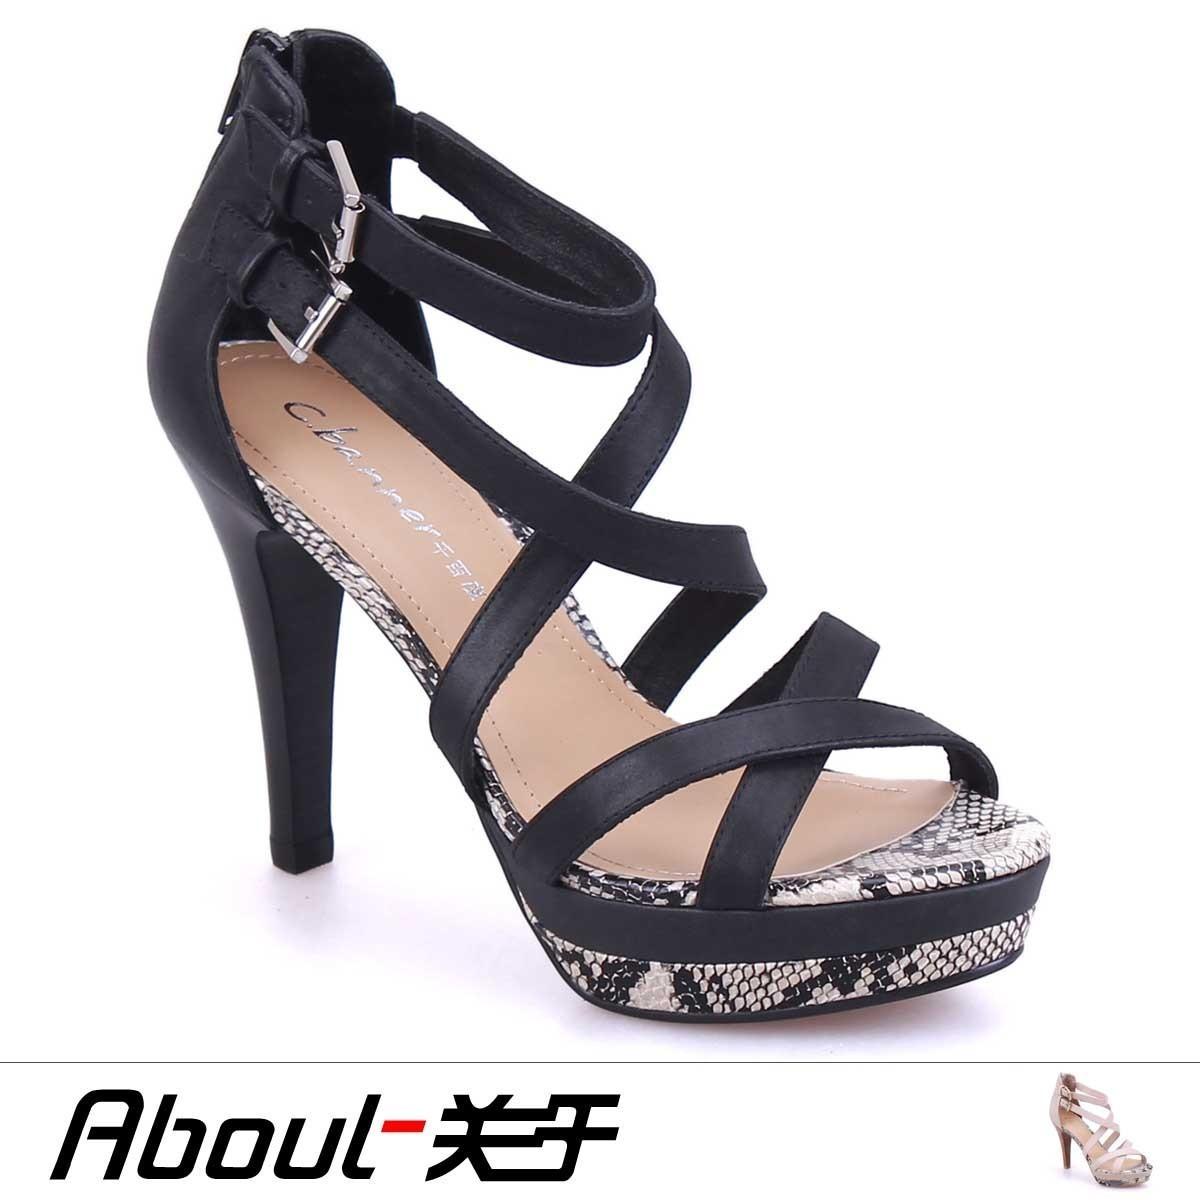 千百度2012夏季新款专柜正品单鞋凉鞋细高跟女鞋a2339